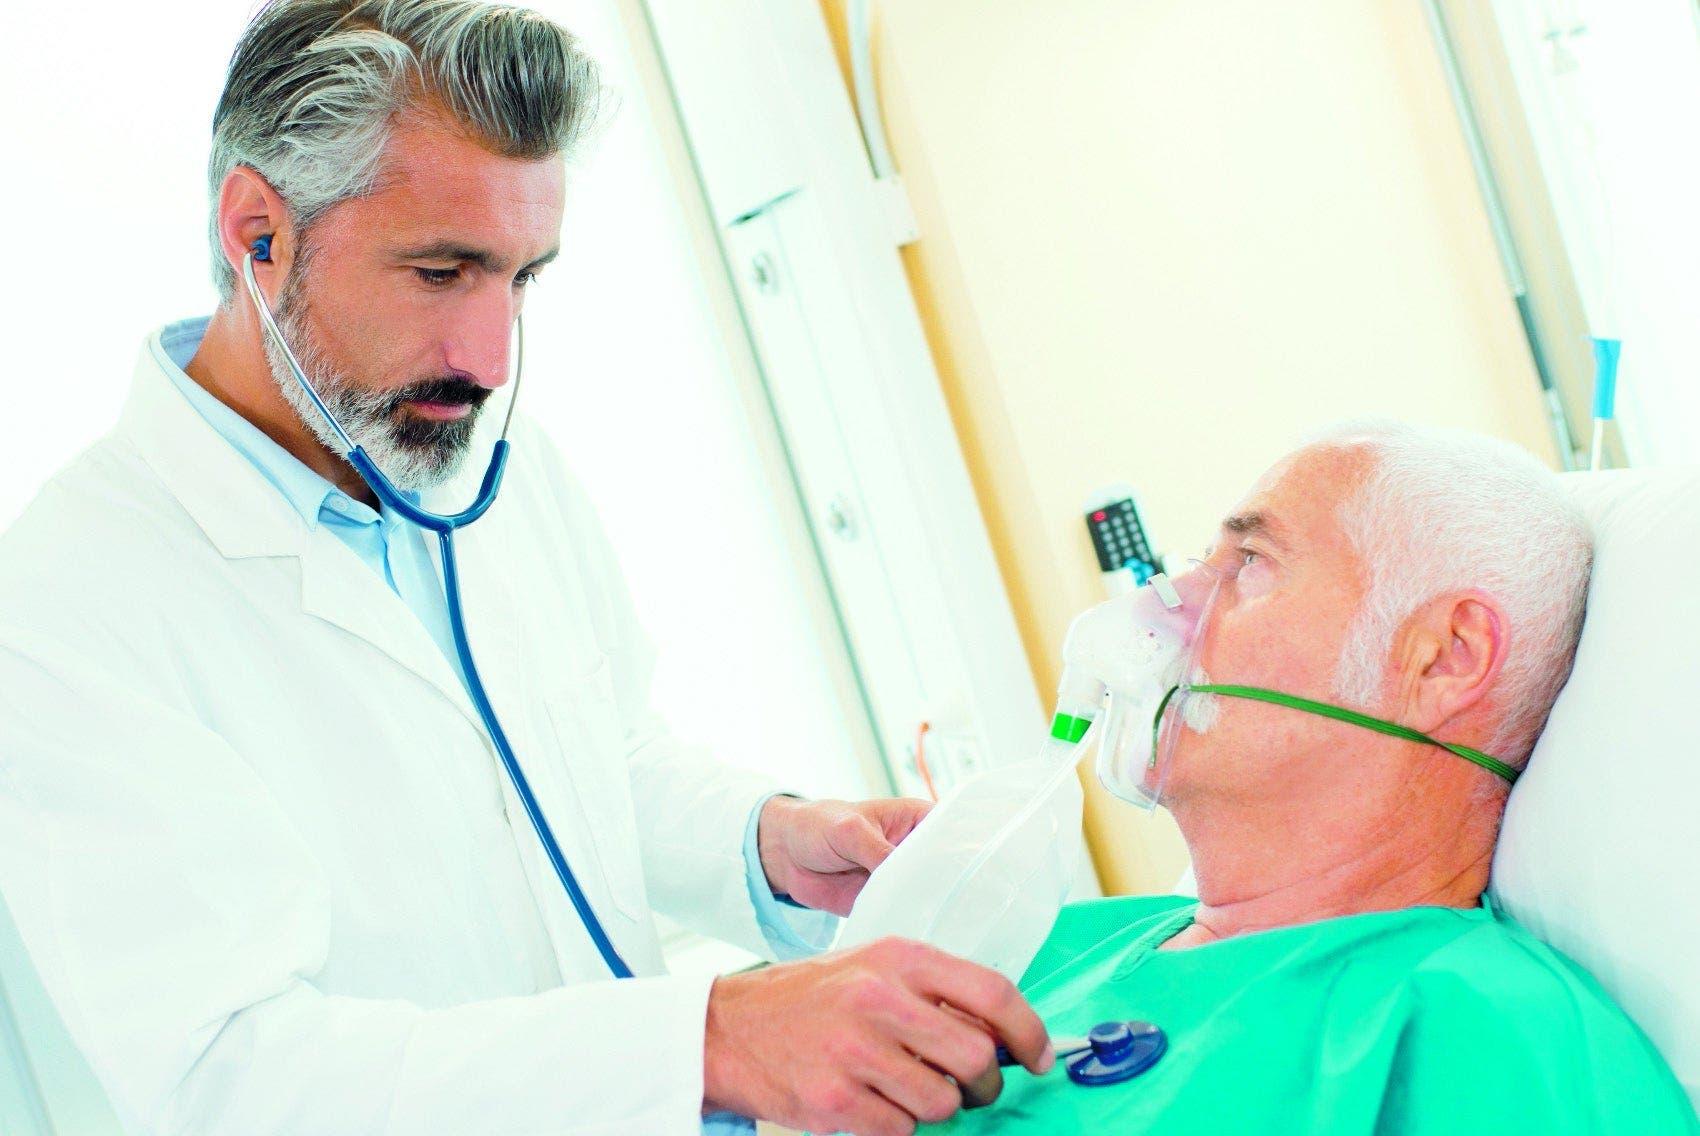 Afecciones respiratorias más comunes en consultas